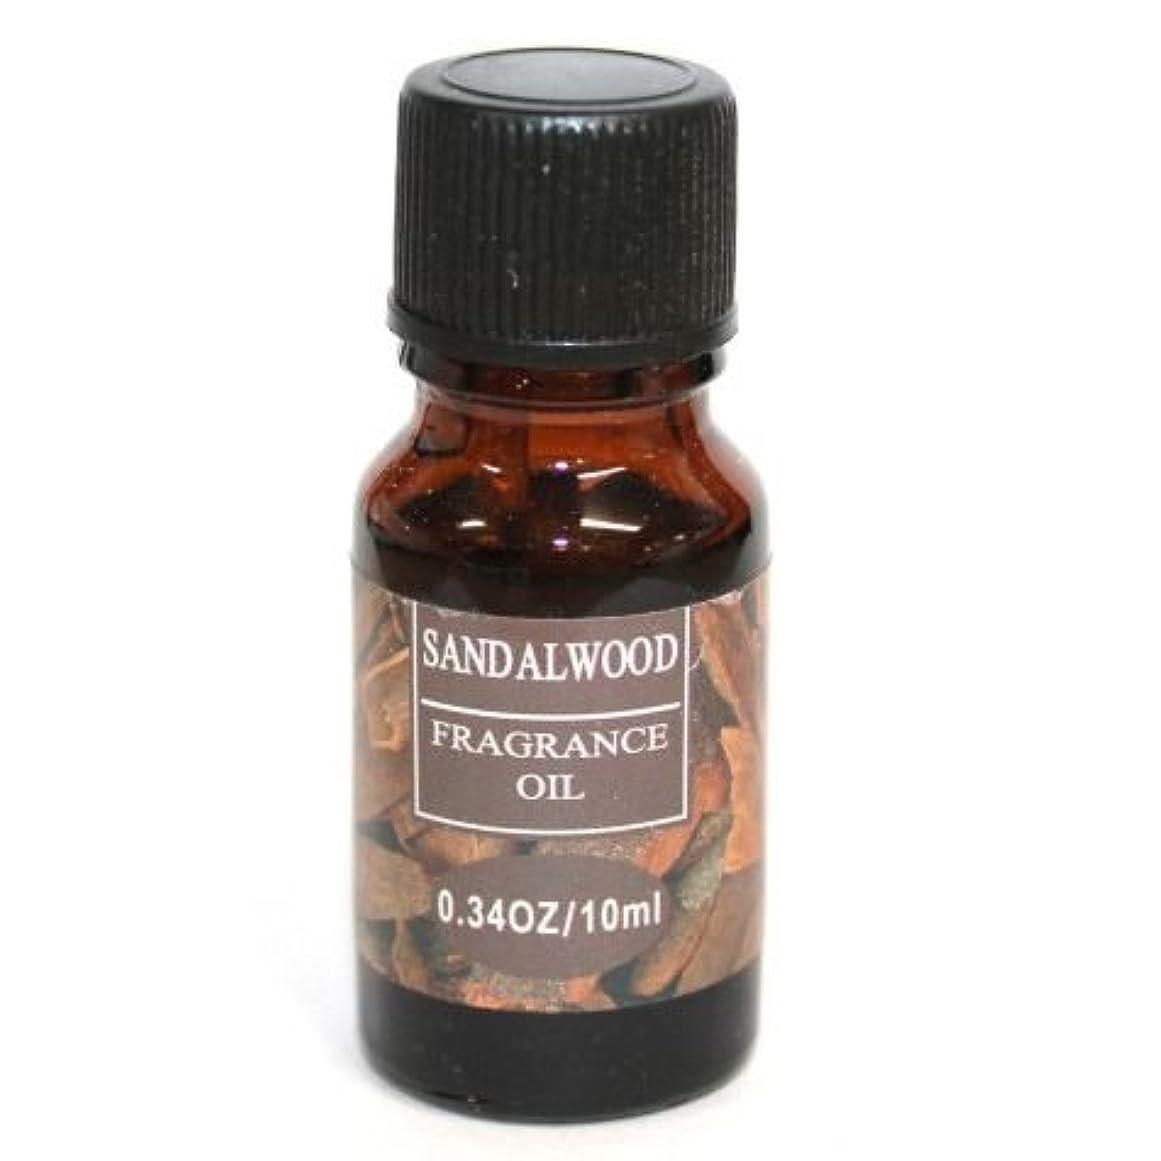 頂点実現可能性季節RELAXING アロマオイル フレグランスオイル サンダルウッドの香り ビャクダン (白檀) RQ-03